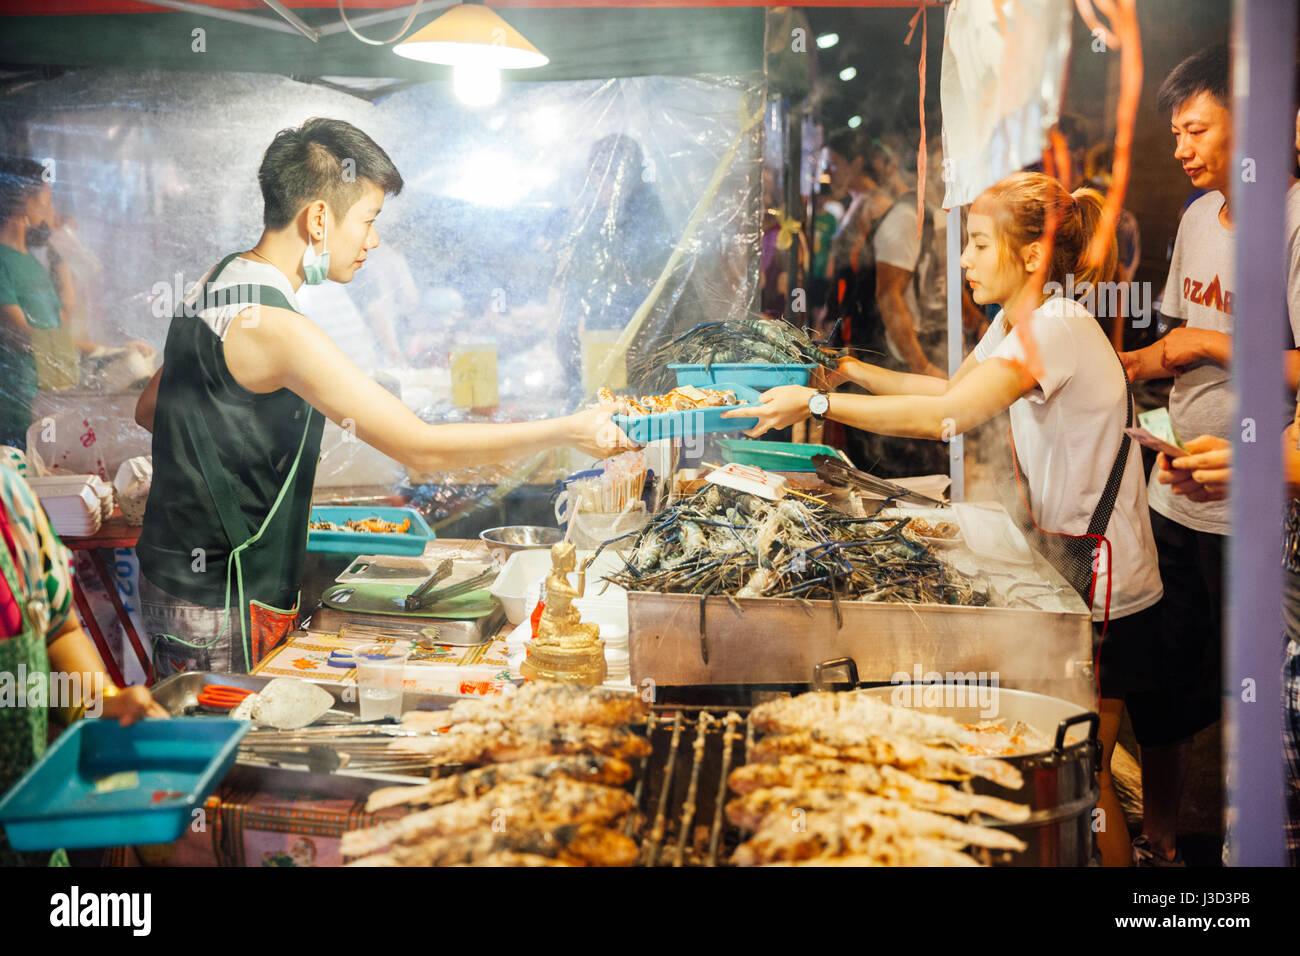 CHIANG MAI, Tailandia - 27 de agosto: vendedor de comida cocineros y vende pescado y marisco en el mercado del sábado Imagen De Stock